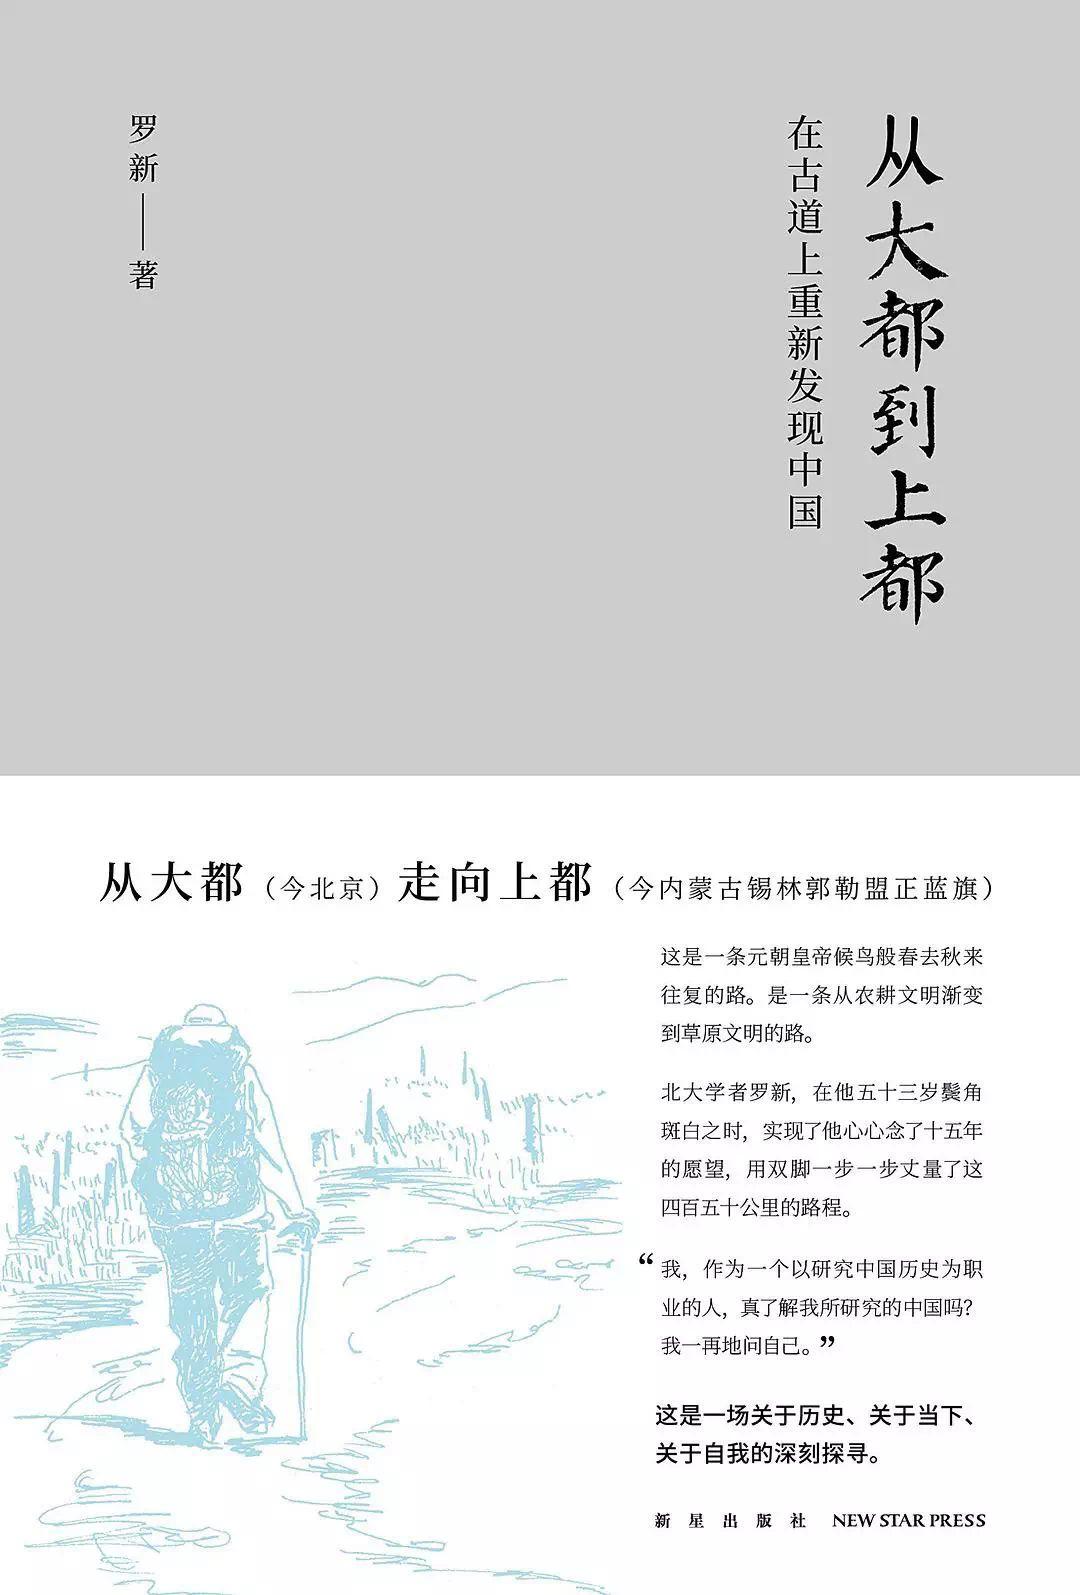 重磅直播 | 北大历史系罗新:内亚游牧人群如何参与中国历史